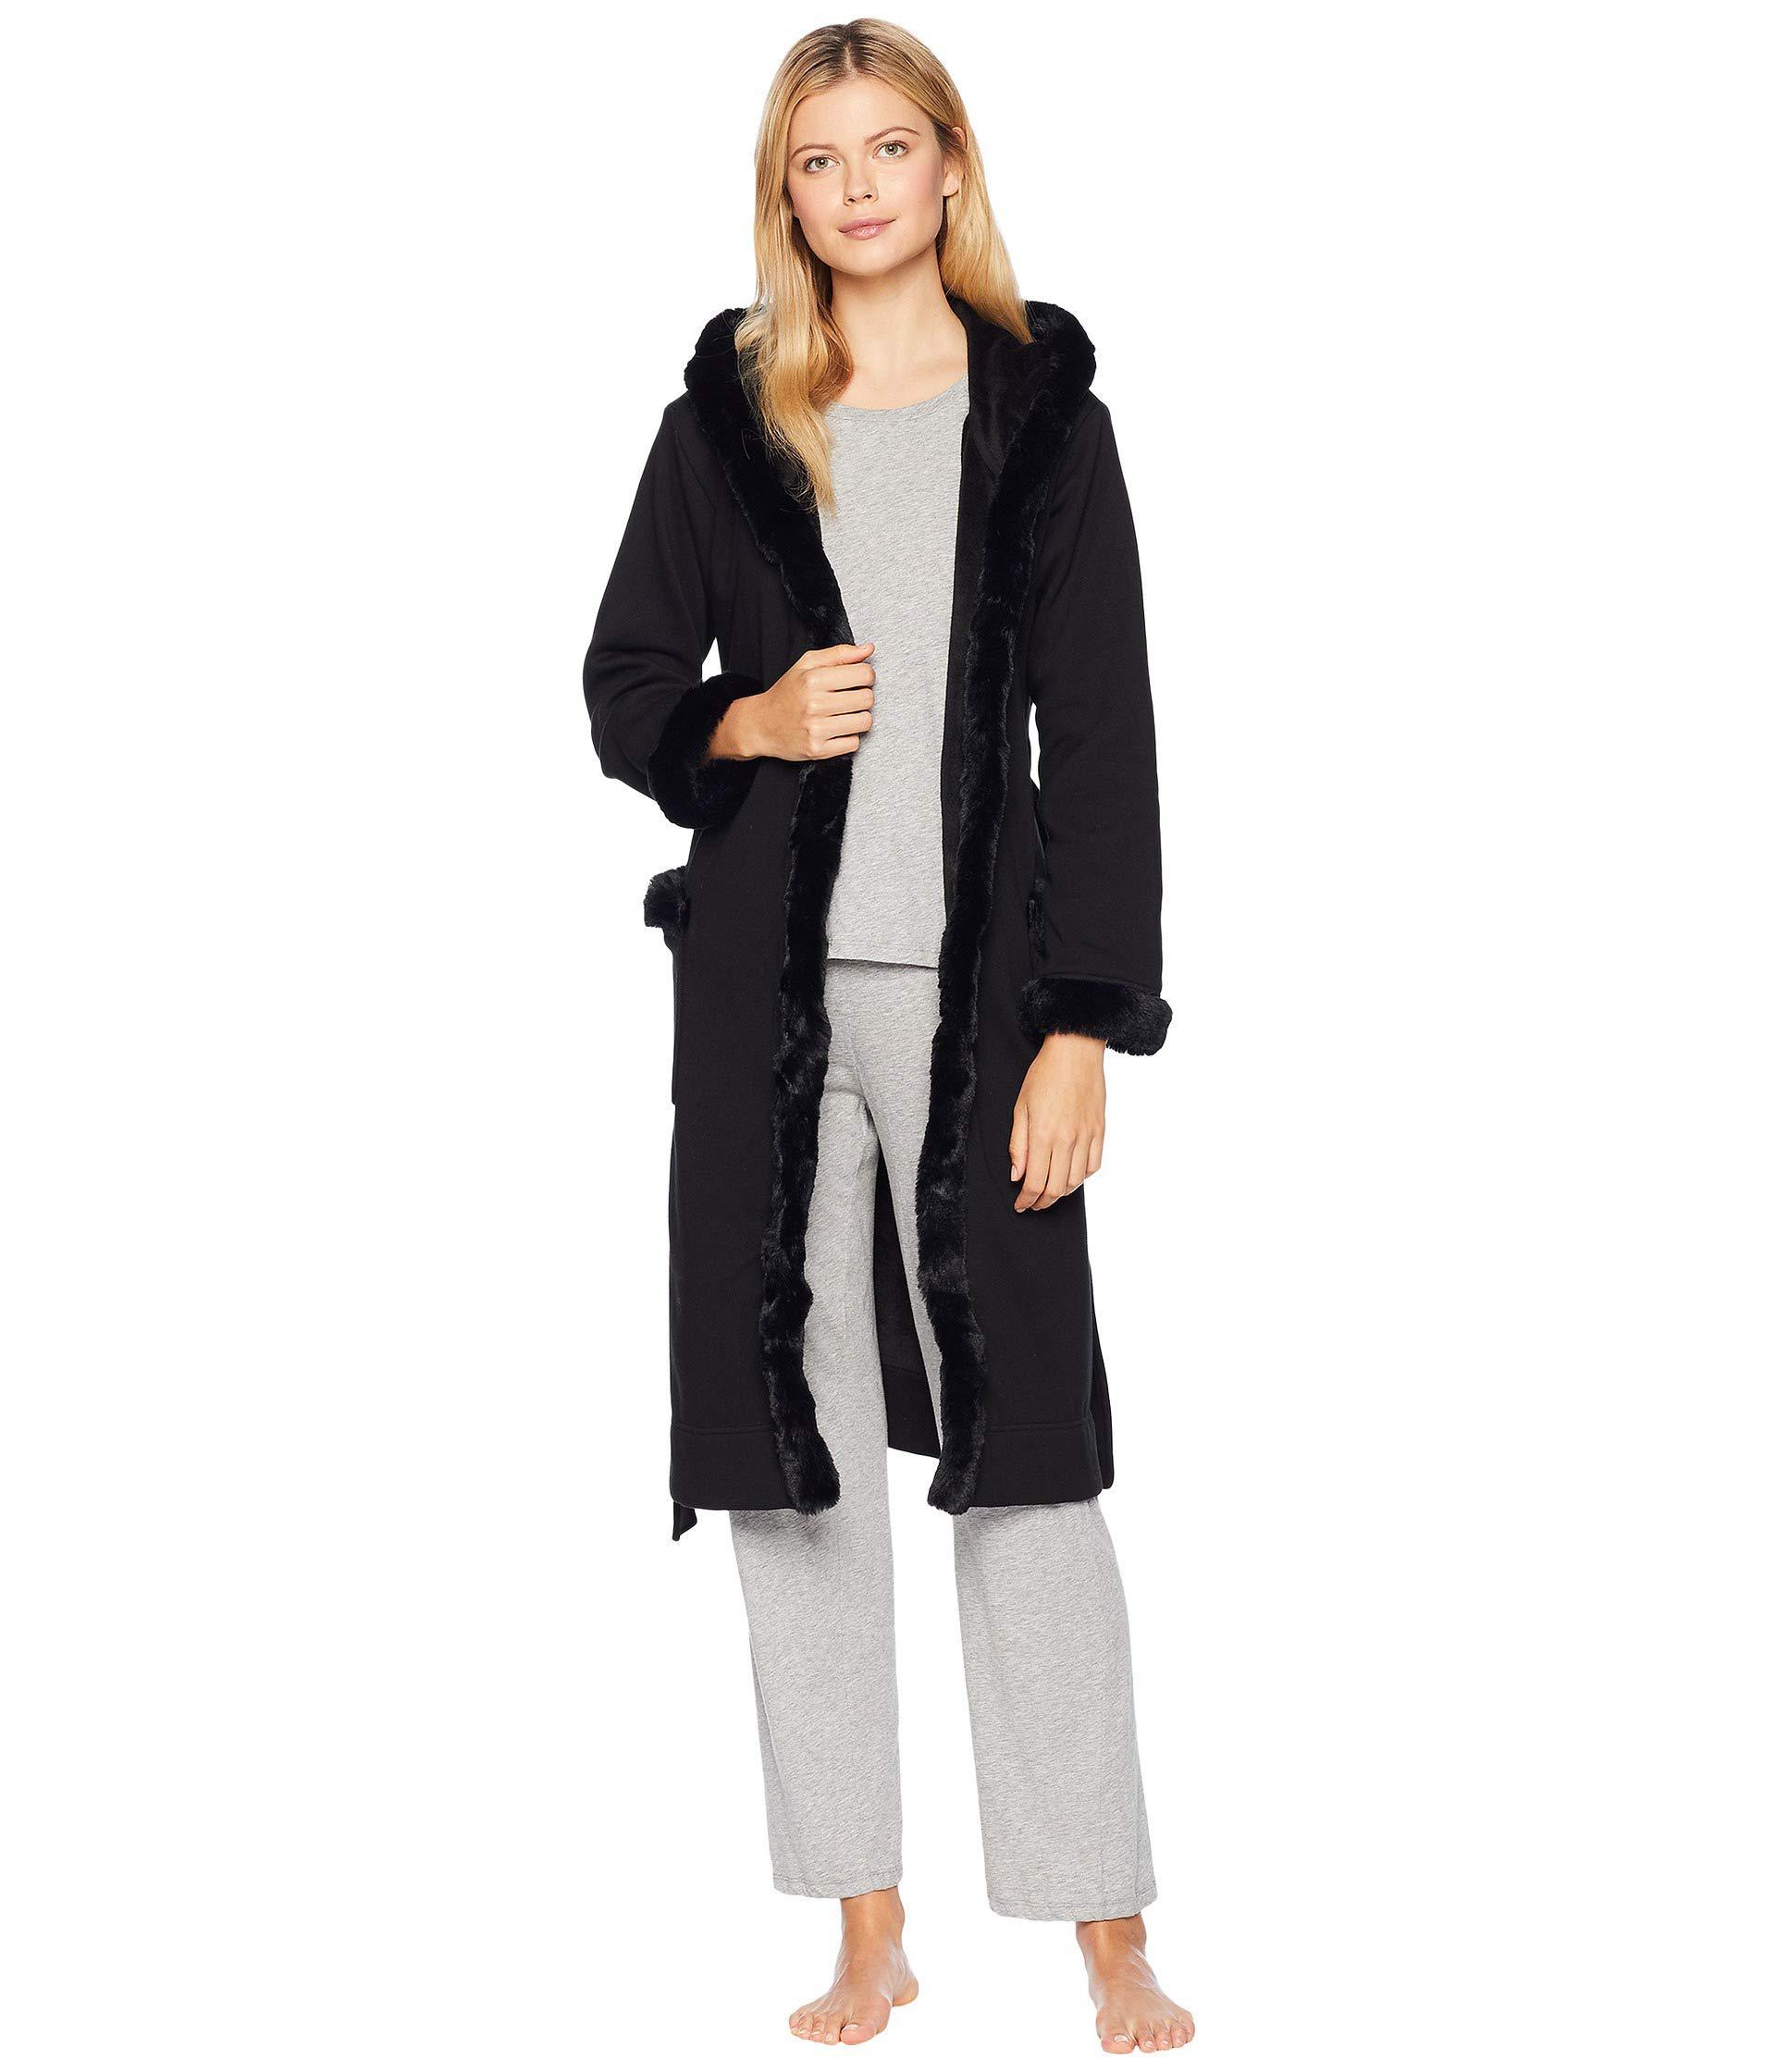 b55037f053 Lyst - UGG Duffield Deluxe Ii Robe (black) Women s Robe in Black